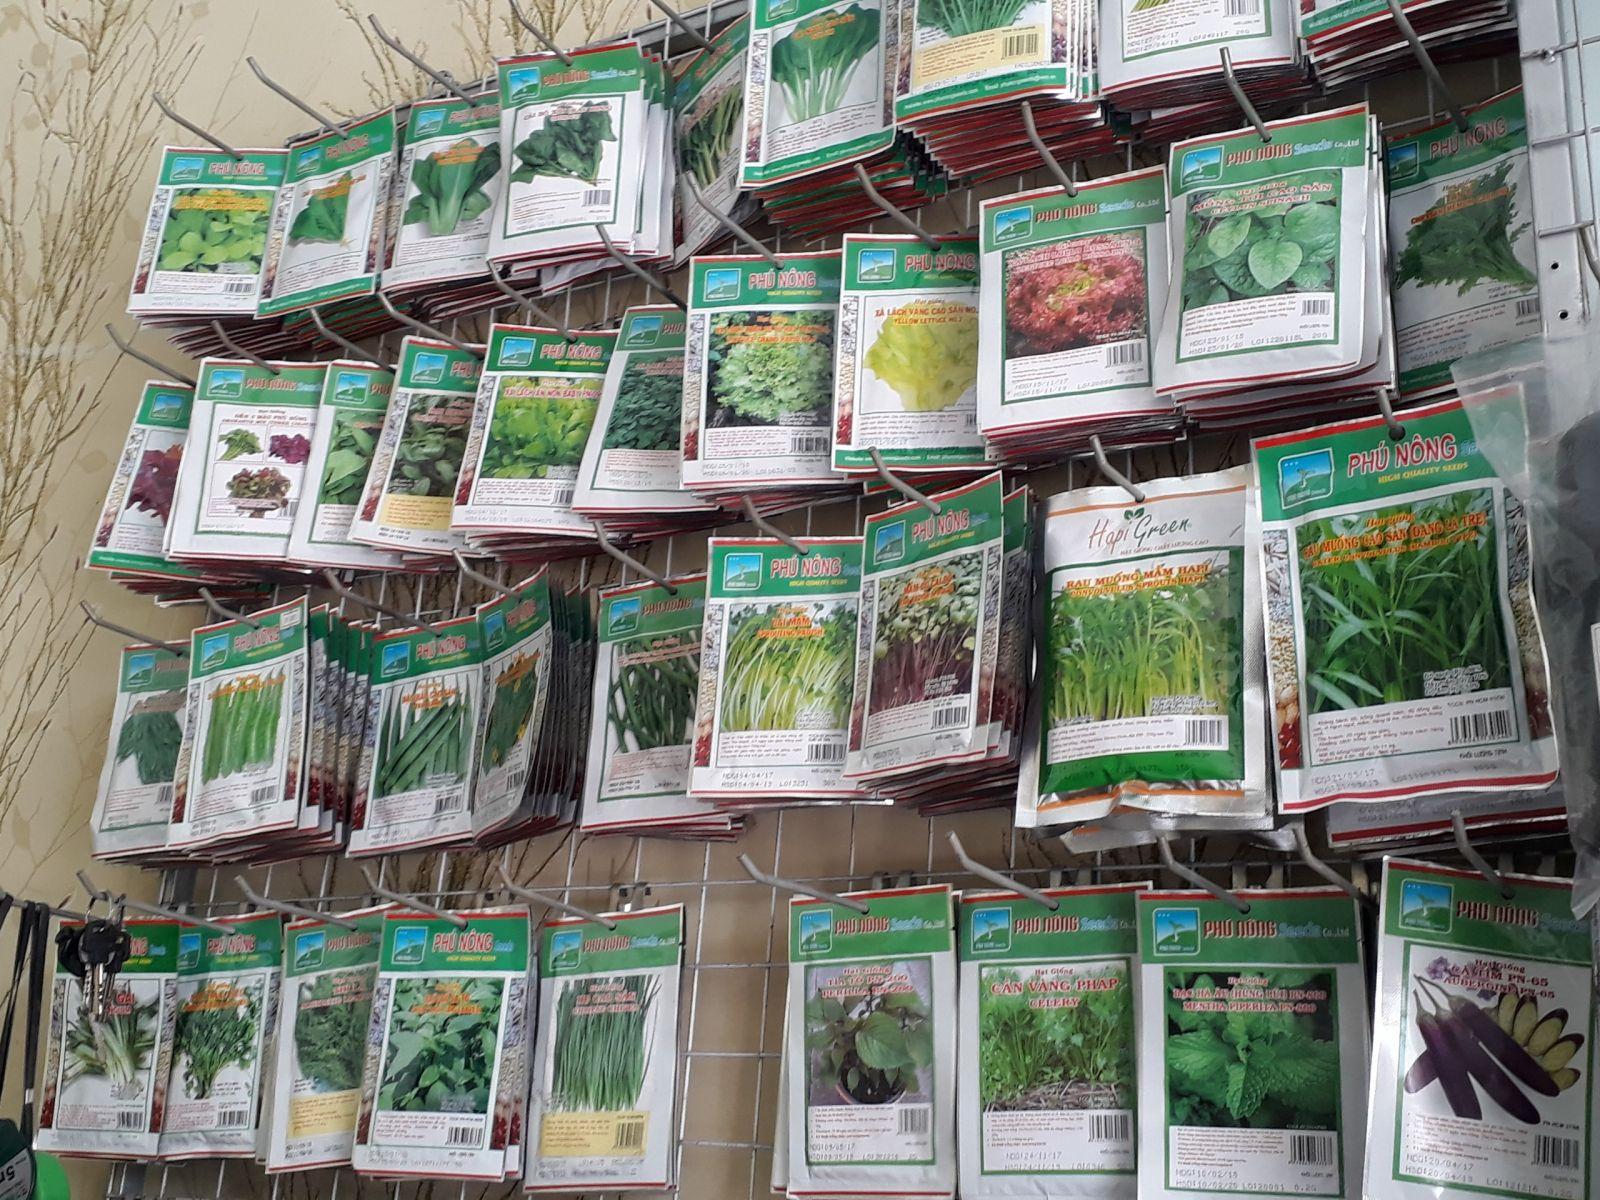 dụng cụ trồng rau sạch tại nhà tphcm